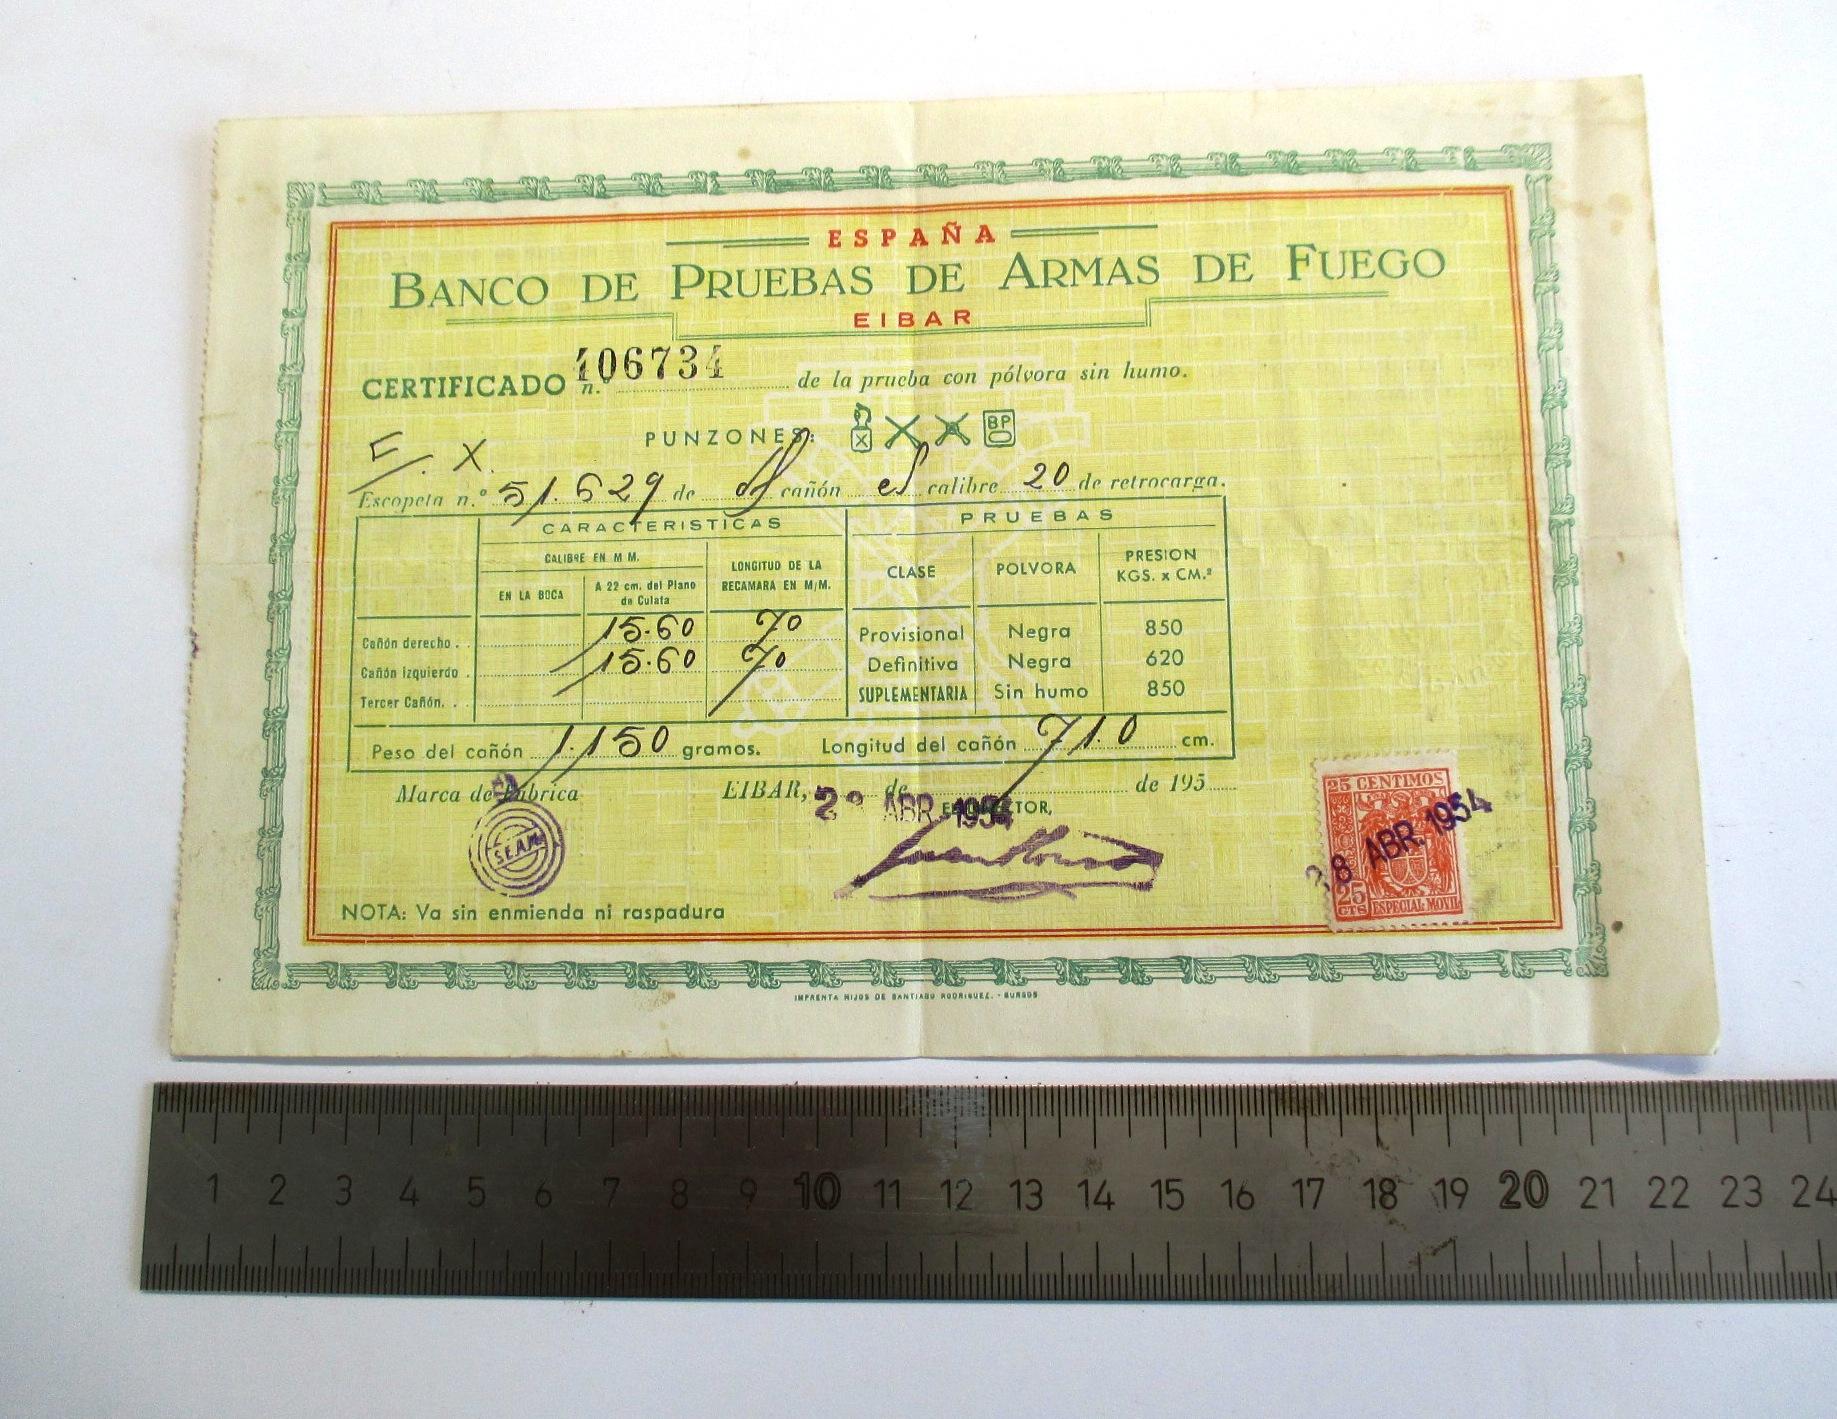 Certificado de la prueba con pólvora sin humo del Banco de Pruebas de Armas de Fuego.